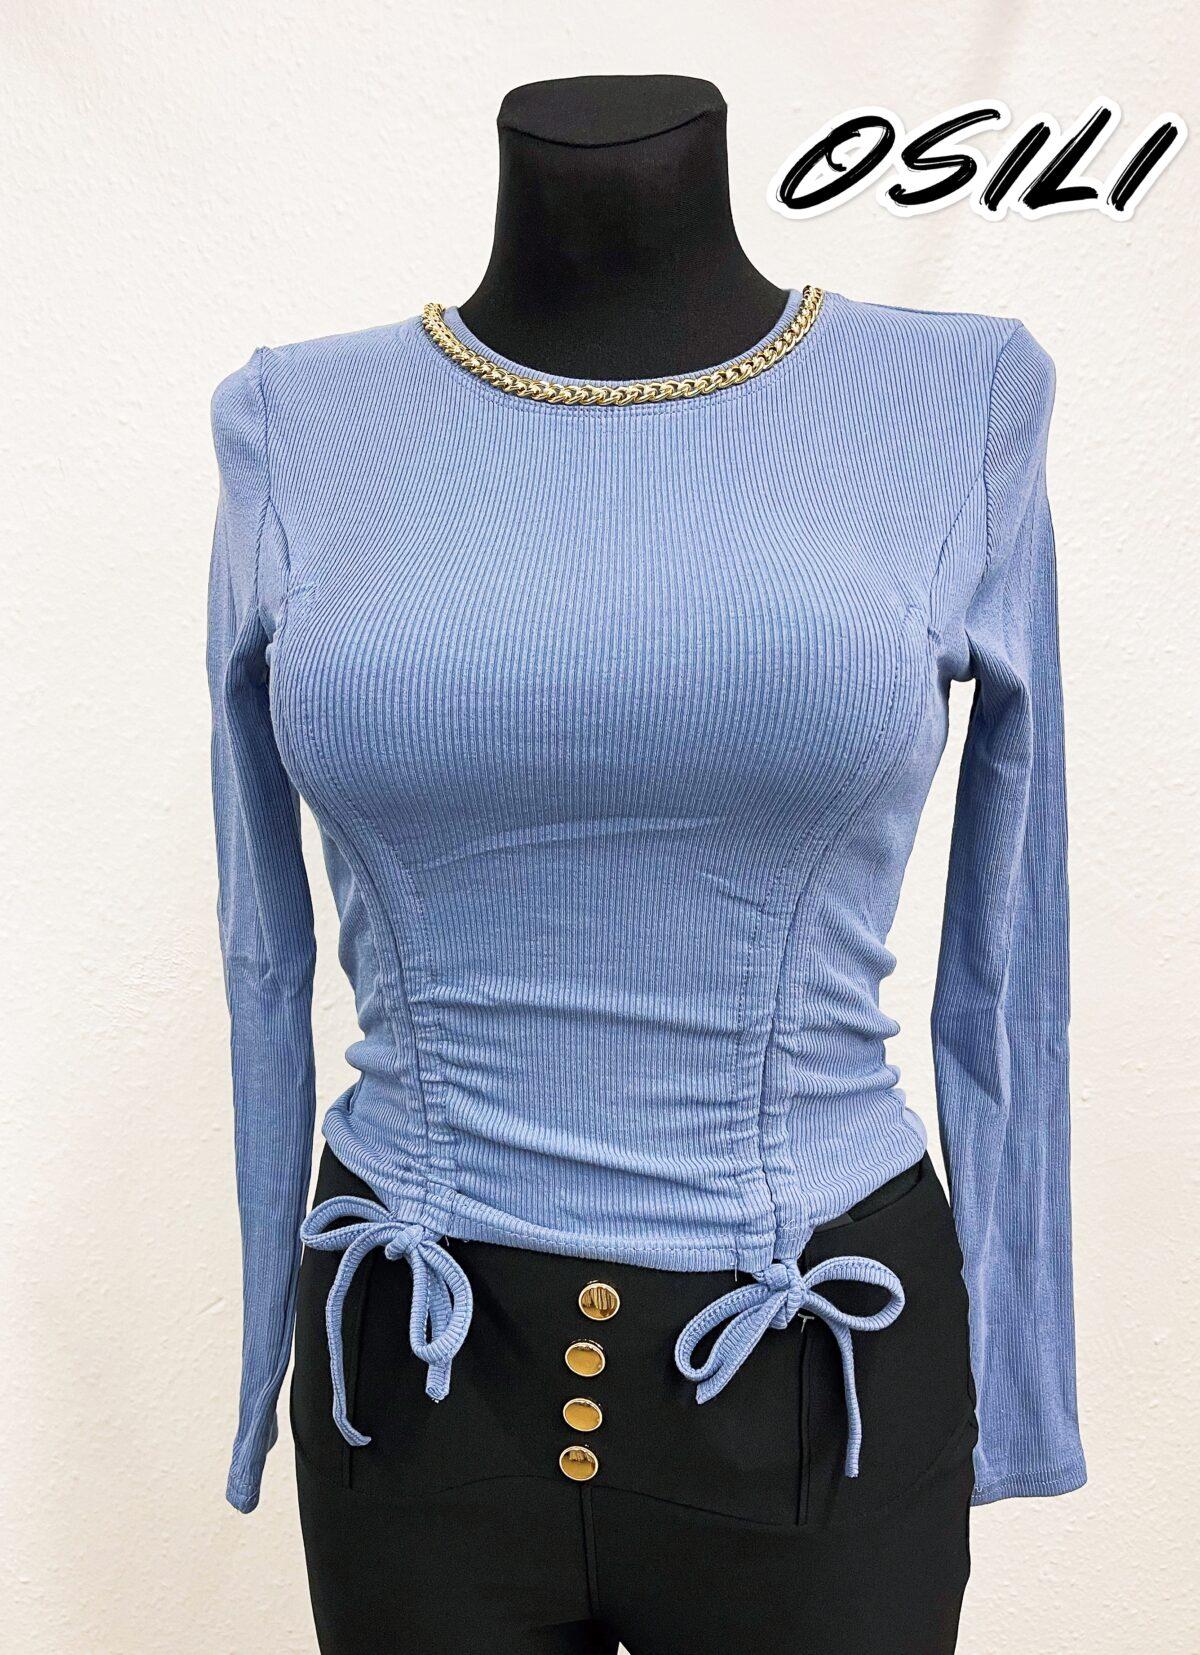 E245A439 35AD 4000 9805 7A42326204A2 scaled Osili - Fashion - Divat